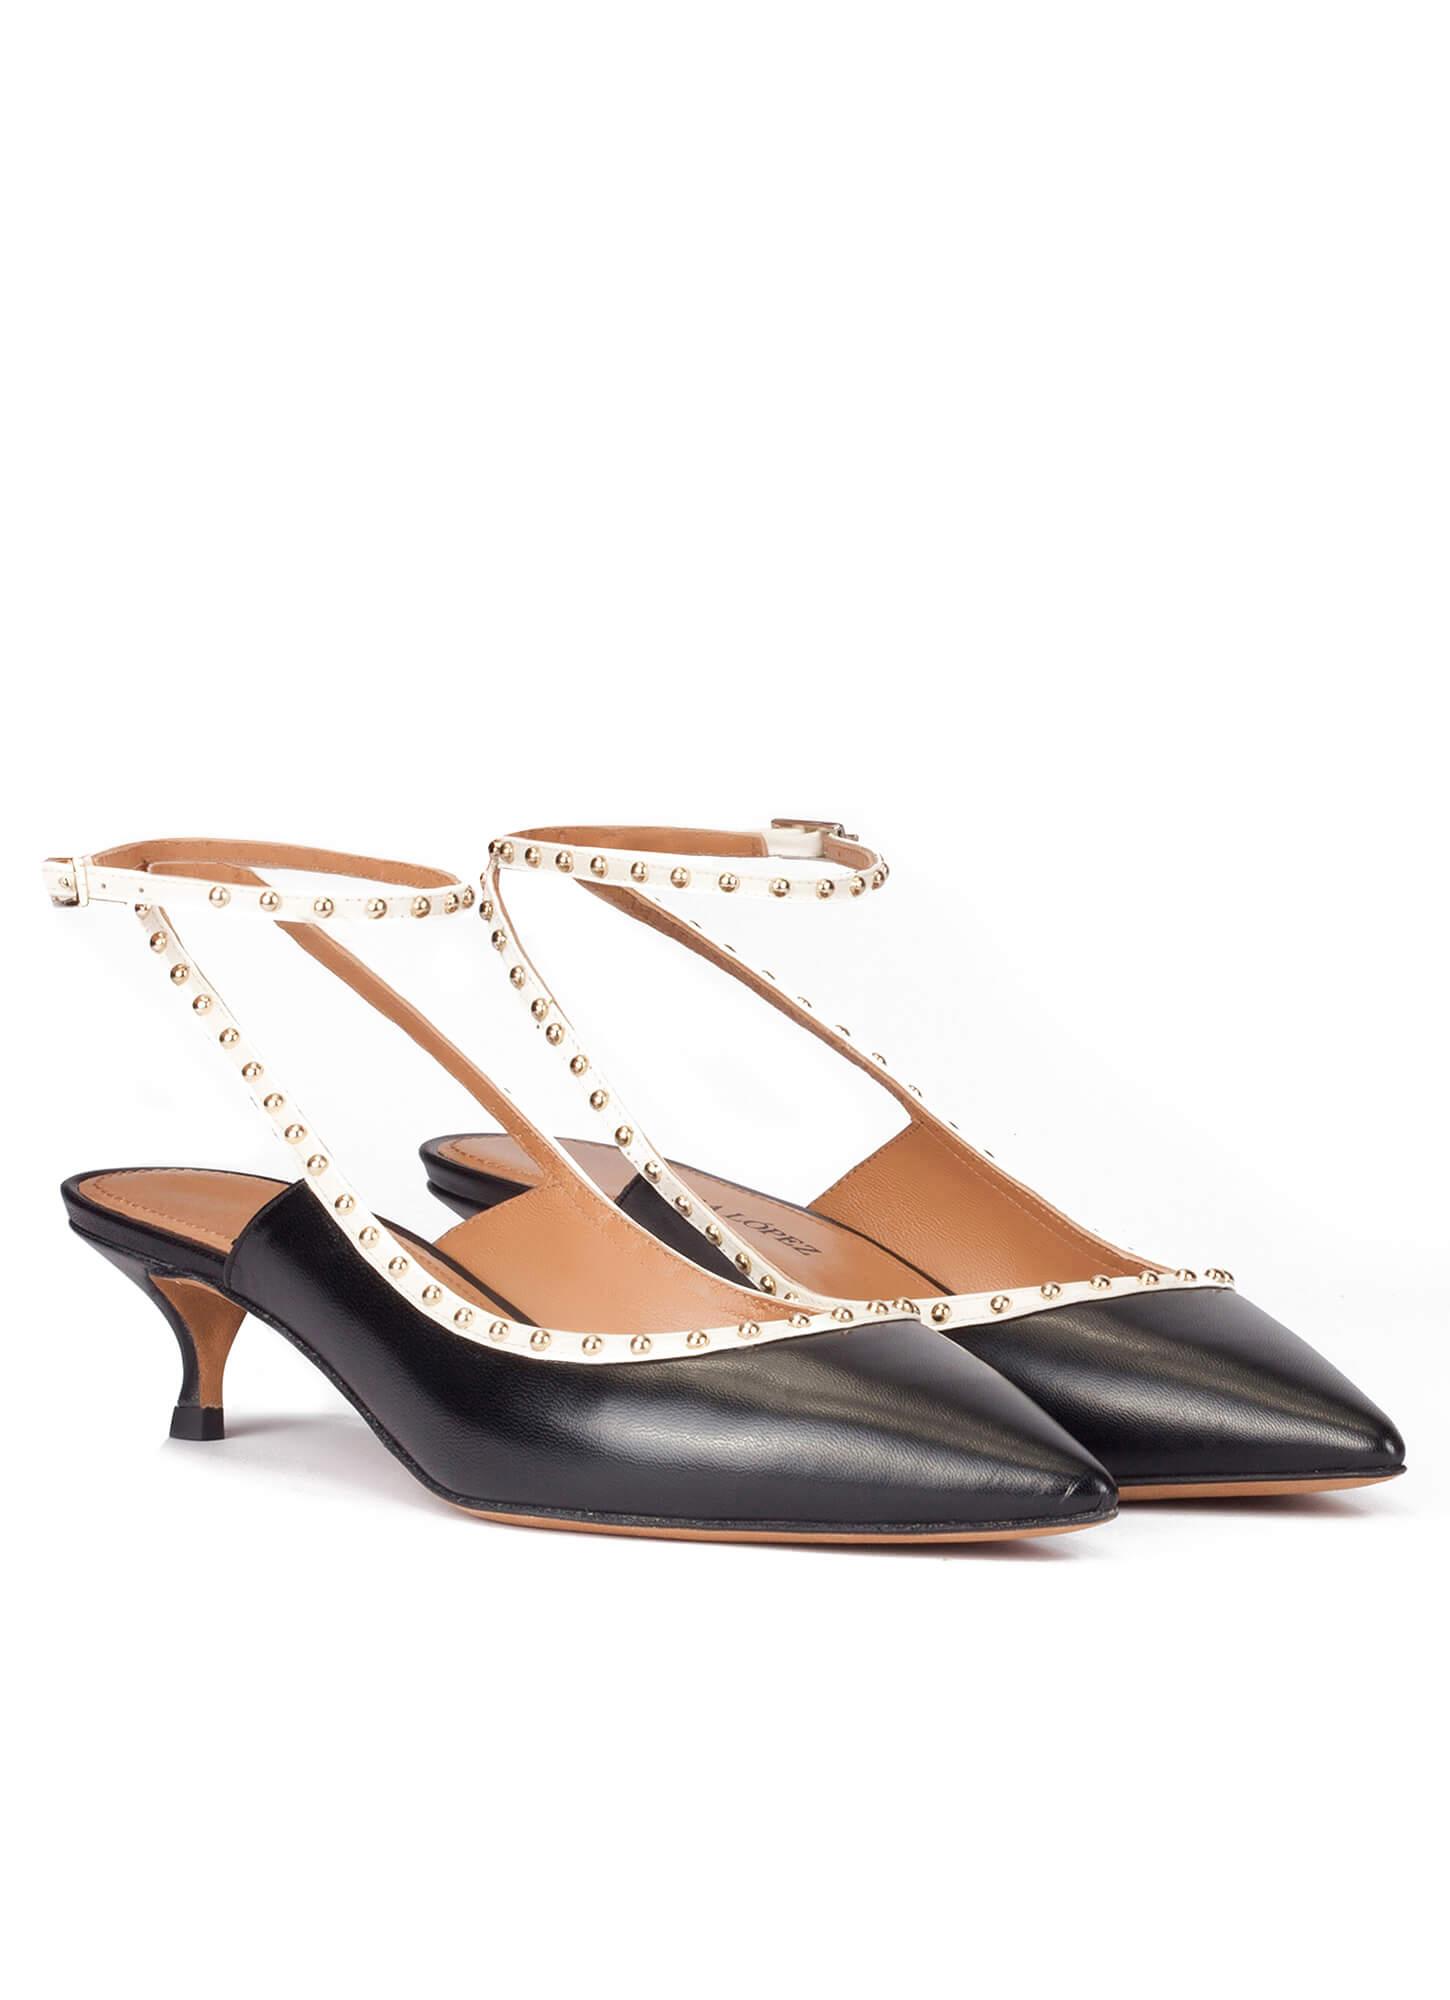 Y PulseraPura Con Lopez Tacón Negros De Zapatos Piel Medio PnN8k0wOX